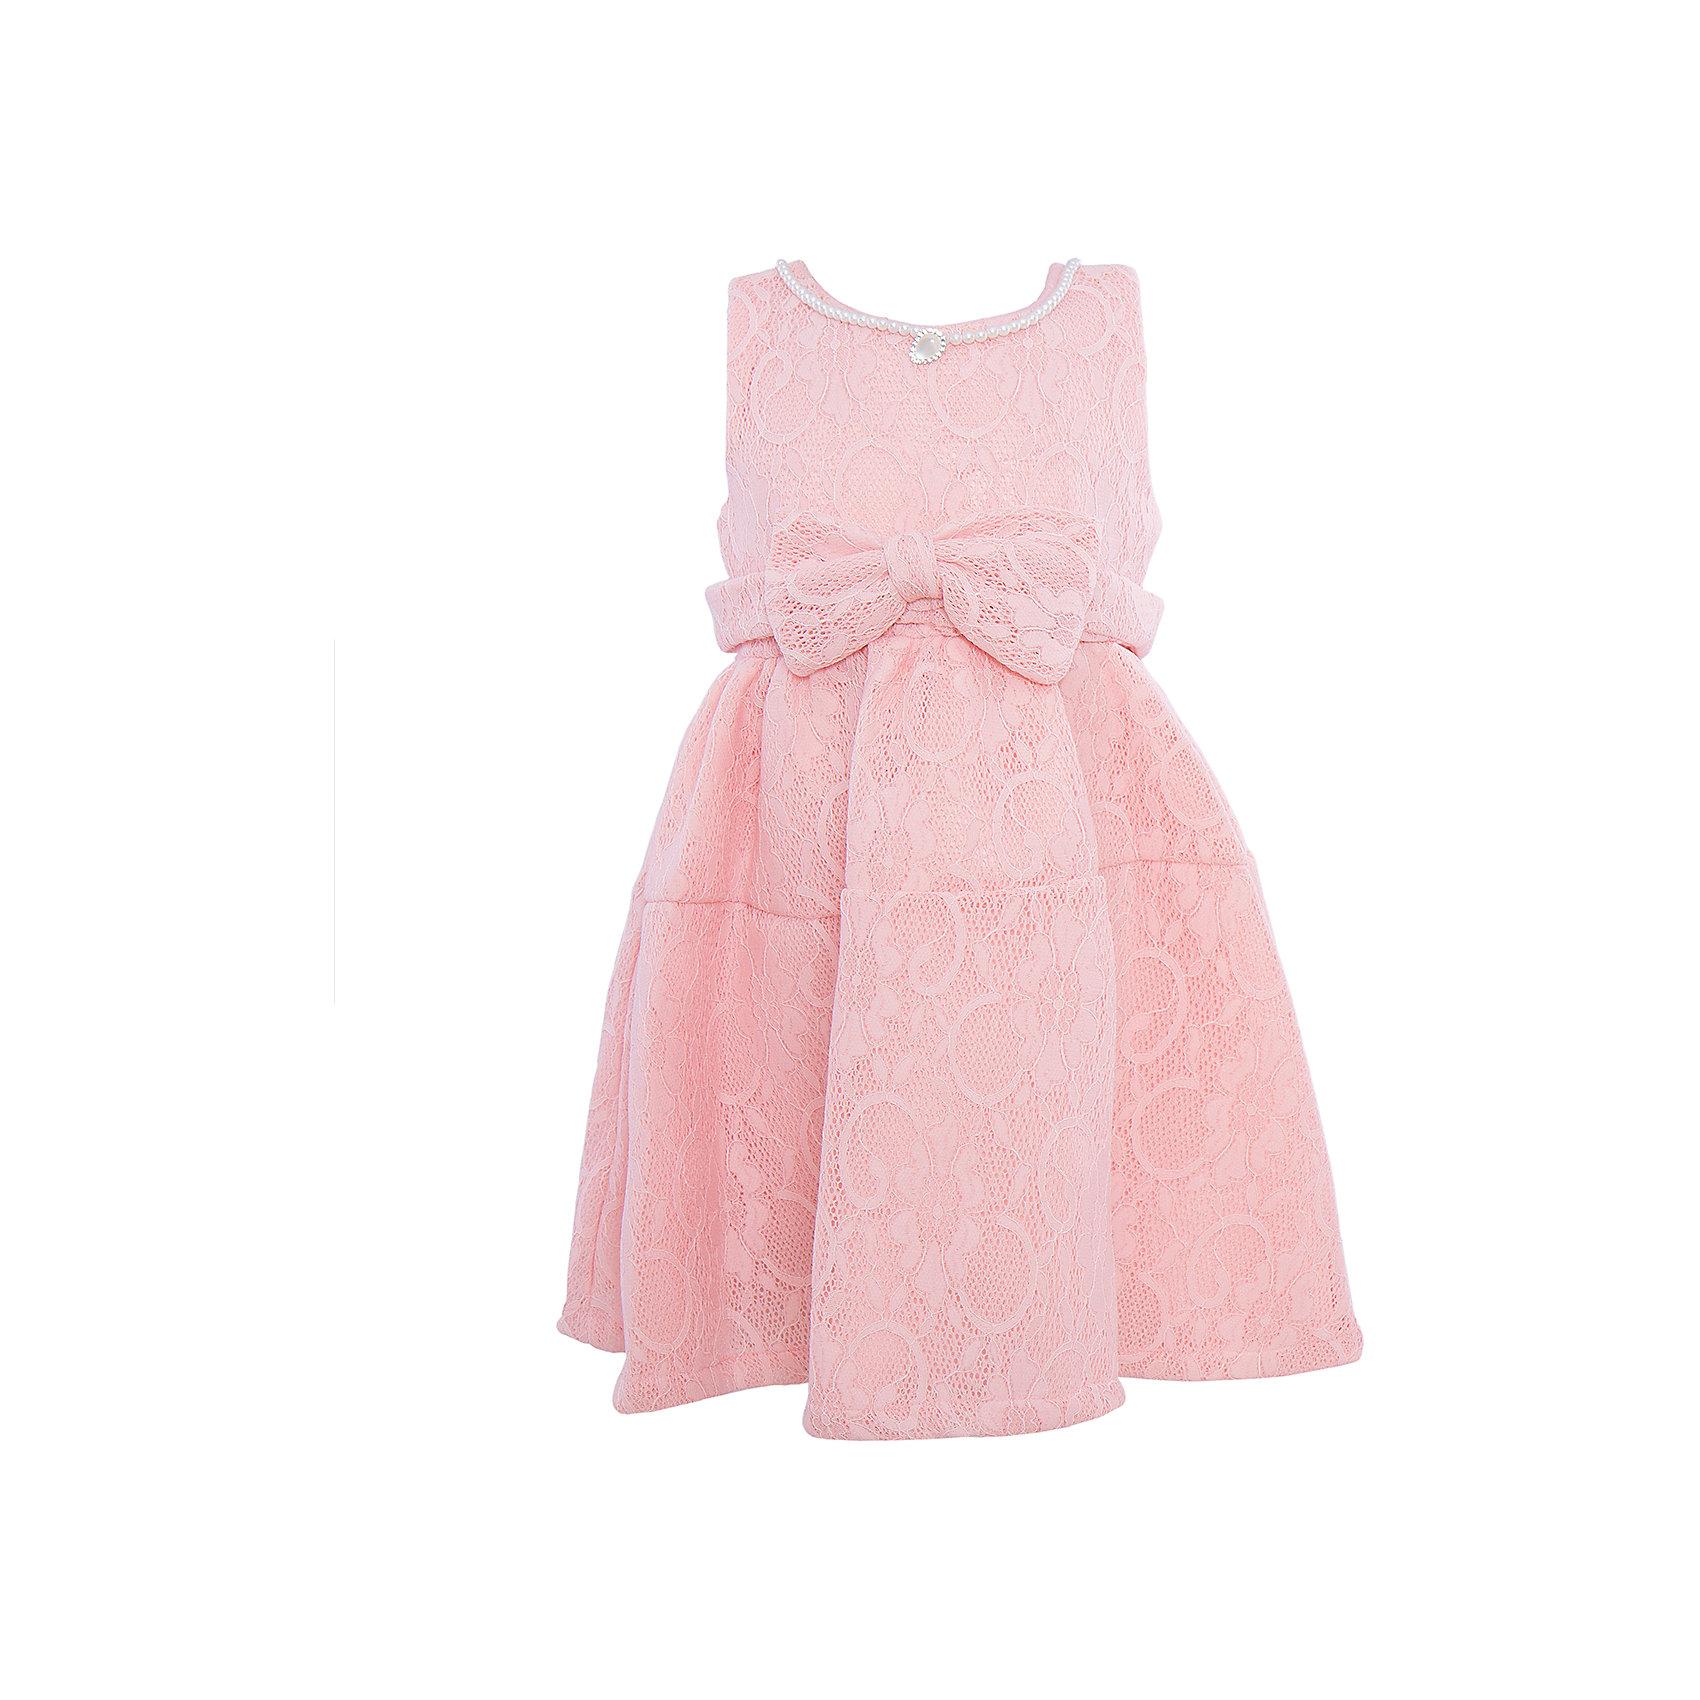 Нарядное платье для девочки Sweet BerryХарактеристики:<br><br>• Вид одежды: платье<br>• Предназначение: для праздника, торжеств<br>• Сезон: круглый год<br>• Материал: верх – 100% полиэстер; подкладка – 100% хлопок<br>• Цвет: пудровый <br>• Силуэт: классический А-силуэт<br>• Длина платья: миди<br>• Вырез горловины: круглый<br>• Горловина декорирована бусинами и кулоном<br>• Наличие объемного пояса с декоративным бантом<br>• Застежка: молния на спинке<br>• Особенности ухода: ручная стирка без применения отбеливающих средств, глажение при низкой температуре <br><br>Sweet Berry – это производитель, который сочетает в своей одежде функциональность, качество, стиль и следование современным мировым тенденциям в детской текстильной индустрии. <br>Платье для девочки от знаменитого производителя детской одежды Sweet Berry выполнено из полиэстера с хлопковым подкладкой. Изделие имеет классический силуэт с отрезной талией и отрезной кокеткой у пышной юбки. Пышность юбке придает атласный подклад и подъюбник из сетки. Изделие выполнено из кружевной ткани пудрового оттенка, декорировано объемным поясом с декоративным бантом. Горловина оформлена бусинами в форме жемчужин и кулоном в форме капли. Праздничное платье от Sweet Berry – это залог успеха вашего ребенка на любом торжестве!<br><br>Платье для девочки Sweet Berry можно купить в нашем интернет-магазине.<br><br>Ширина мм: 236<br>Глубина мм: 16<br>Высота мм: 184<br>Вес г: 177<br>Цвет: бежевый<br>Возраст от месяцев: 24<br>Возраст до месяцев: 36<br>Пол: Женский<br>Возраст: Детский<br>Размер: 98,110,116,122,128,104<br>SKU: 5052091